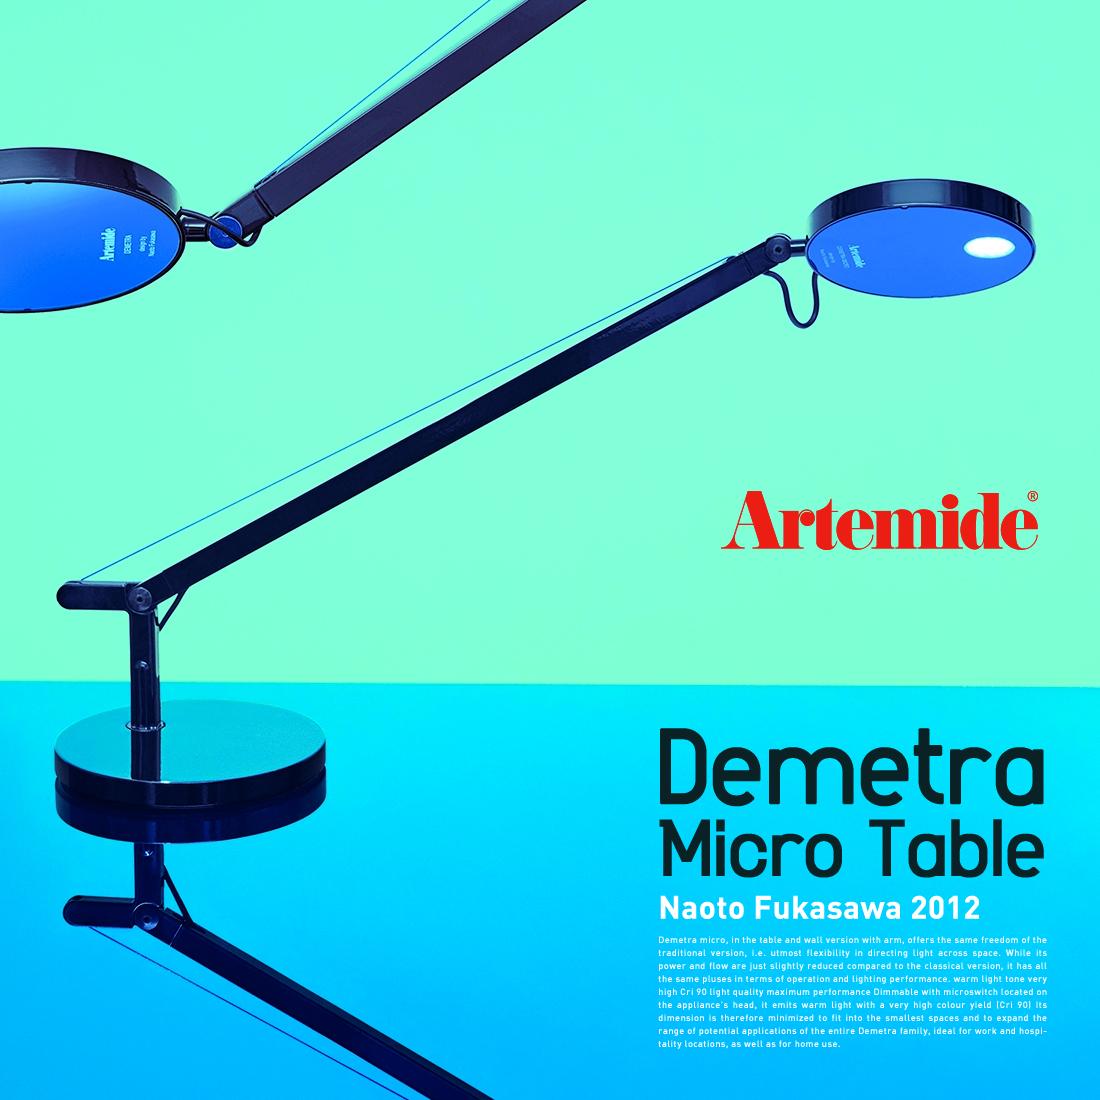 【Artemide アルテミデ】Demetra Micro Table デメトラ ミクロ テーブルランプ ライト 照明 スチール アルミ リビング キッチン ダイニング スタンドライト 卓上